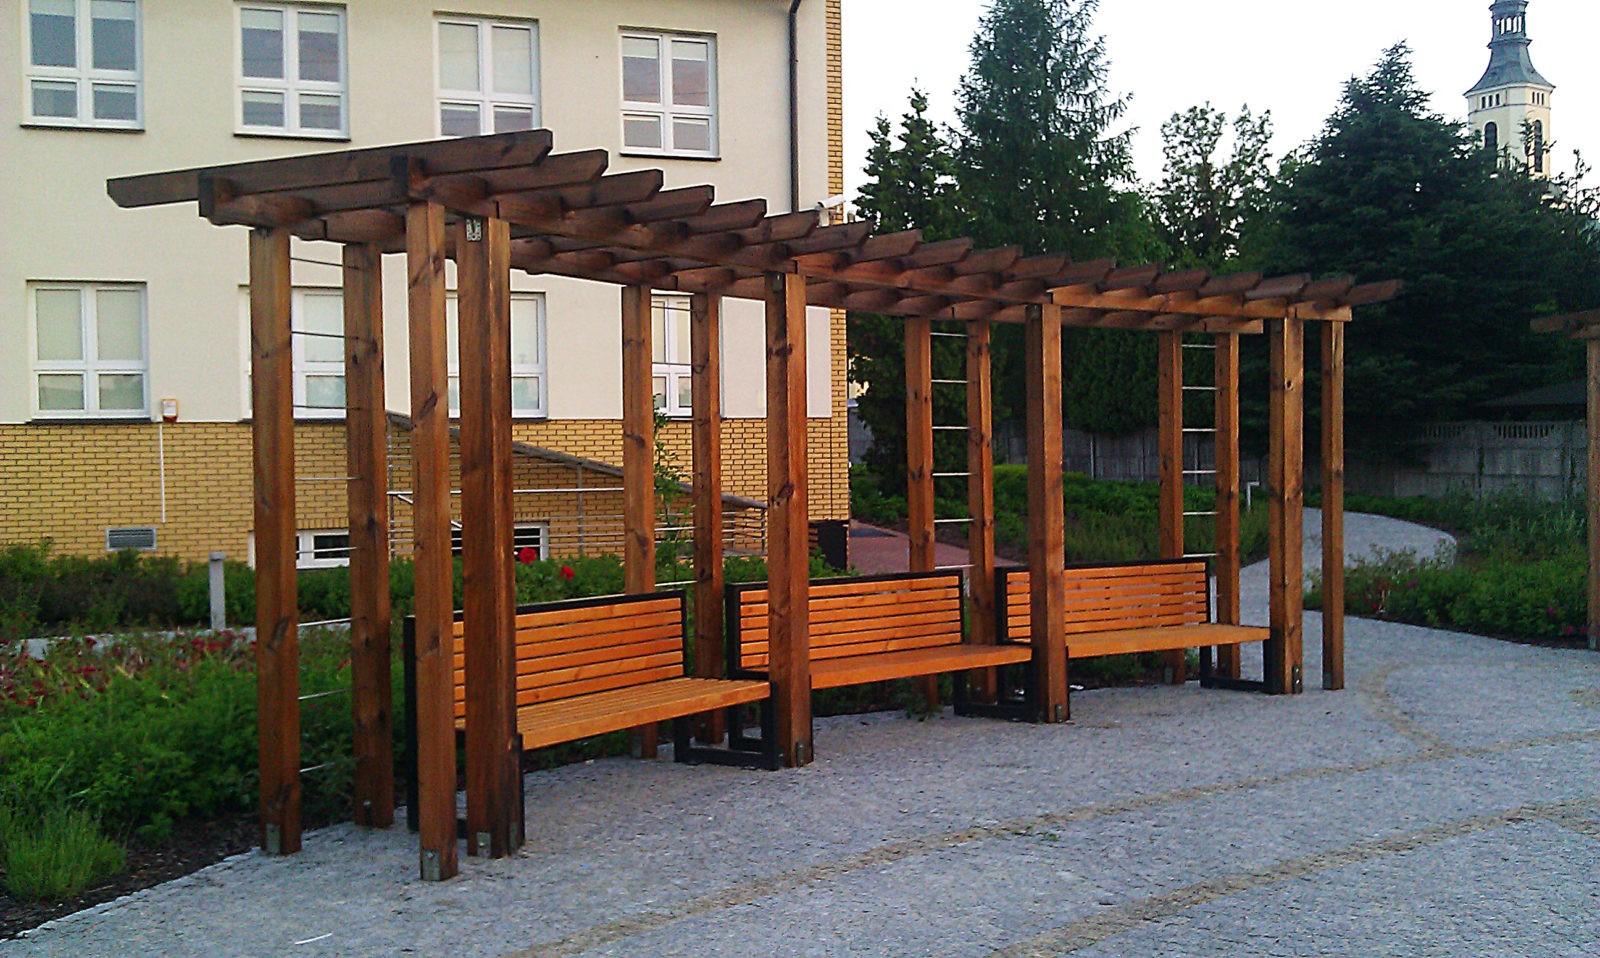 Pergola w Parku - Stare Babice